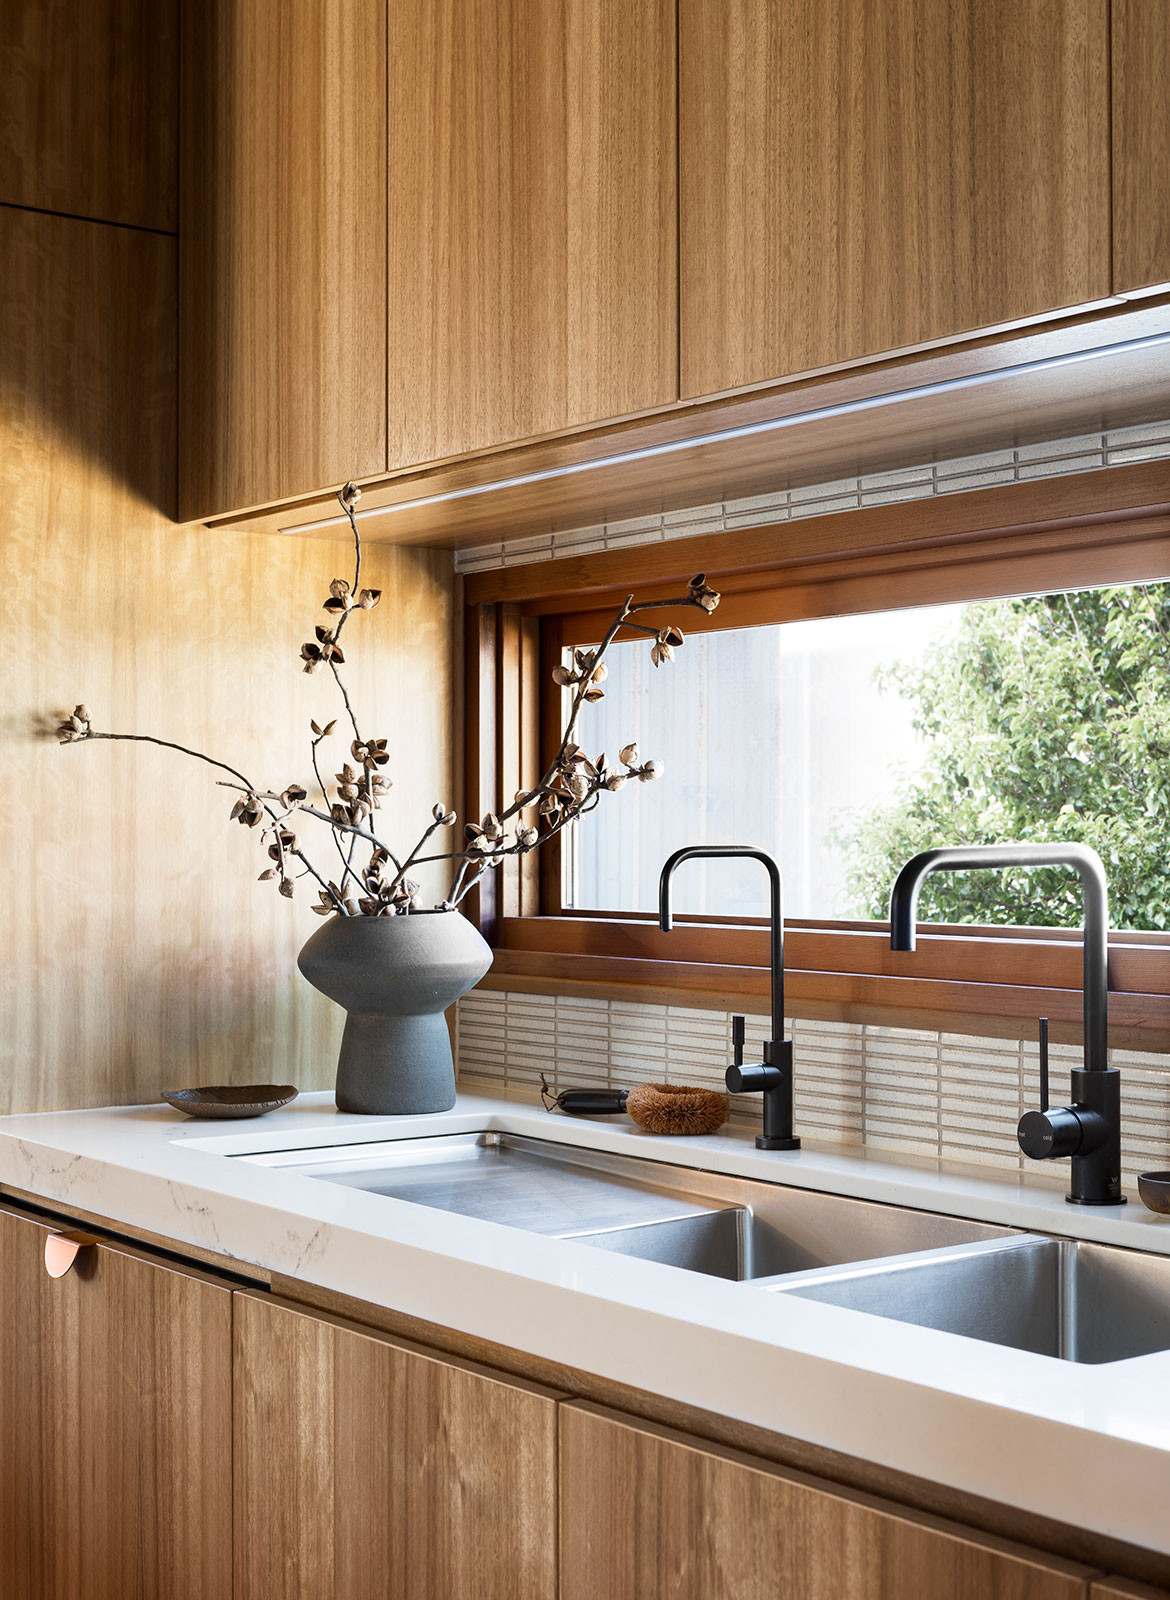 Stewart Street Cantilever Interiors Stravrias Architecture CC Martina Gemmola